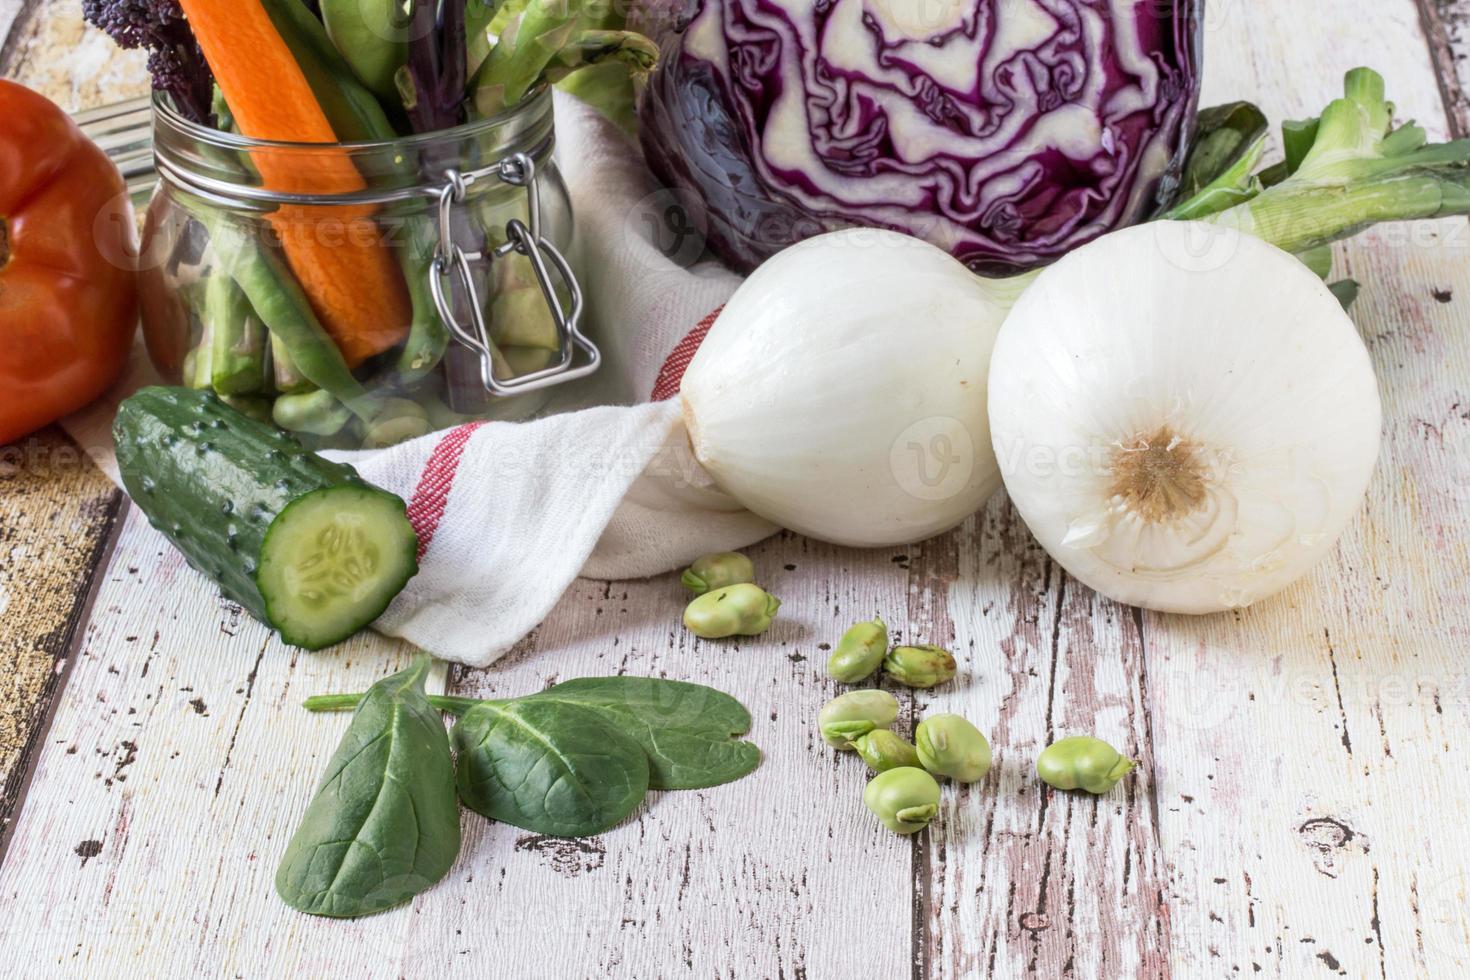 alimentação saudável legumes frescos foto